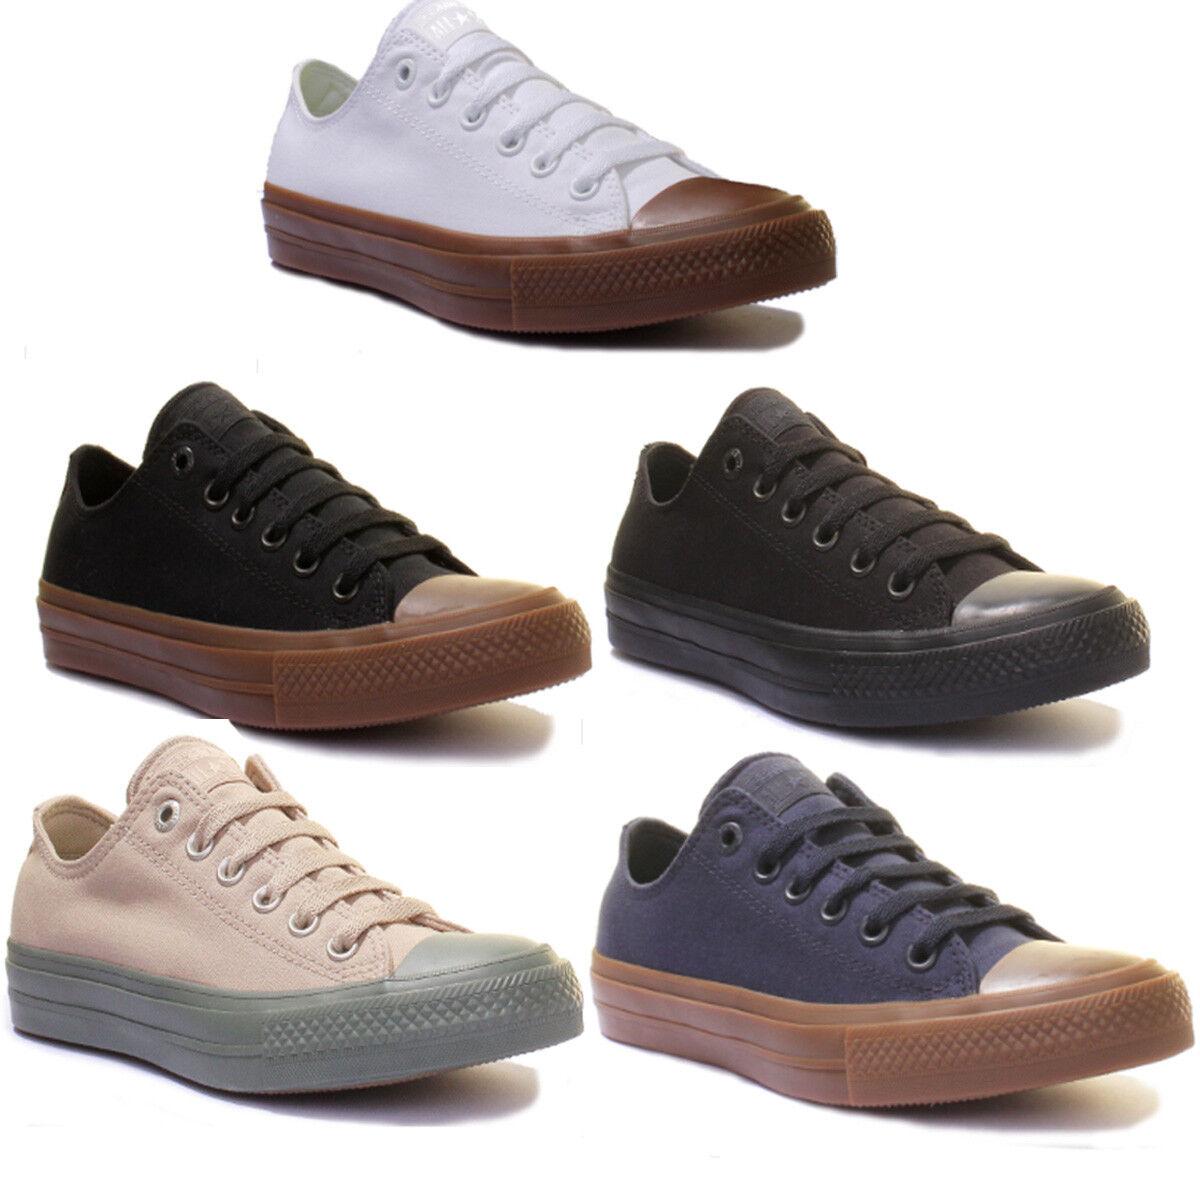 Converse Chuck Taylor All Star Star Star unisex scarpe da ginnastica Scarpe di tela Navy Taglia 3 - 6   prezzo di sconto speciale  6515c3